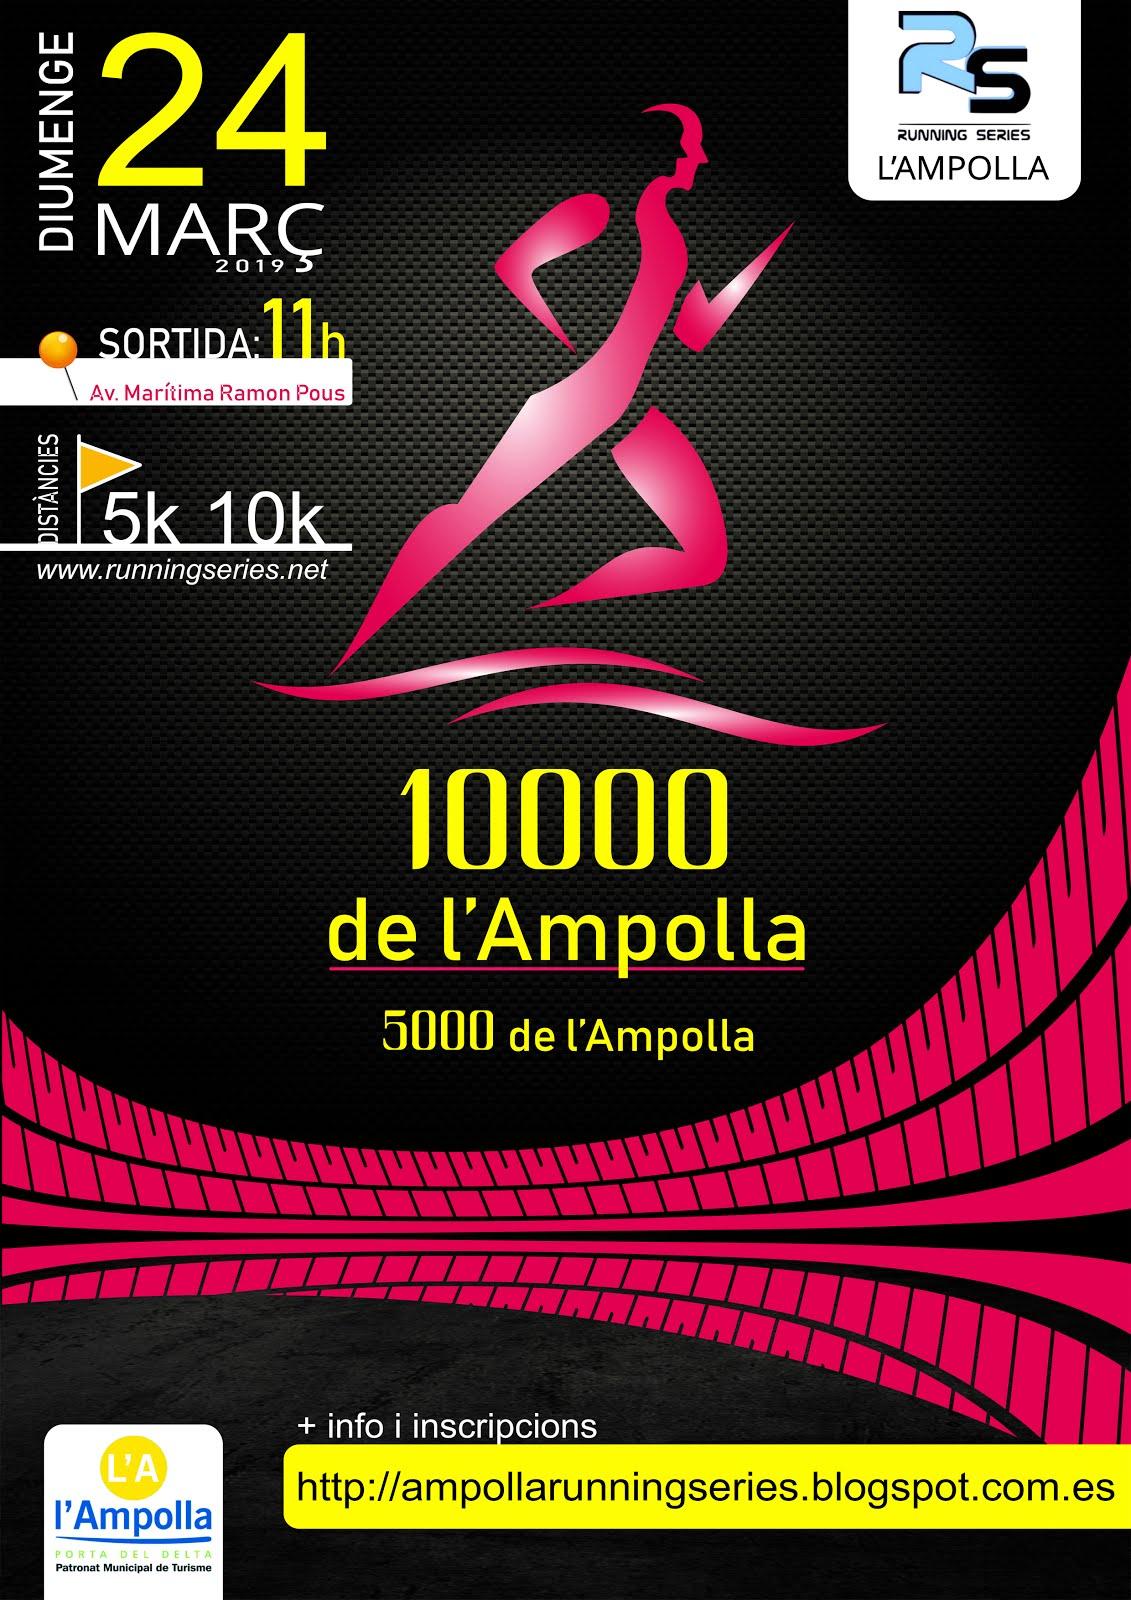 10000 de l'Ampolla